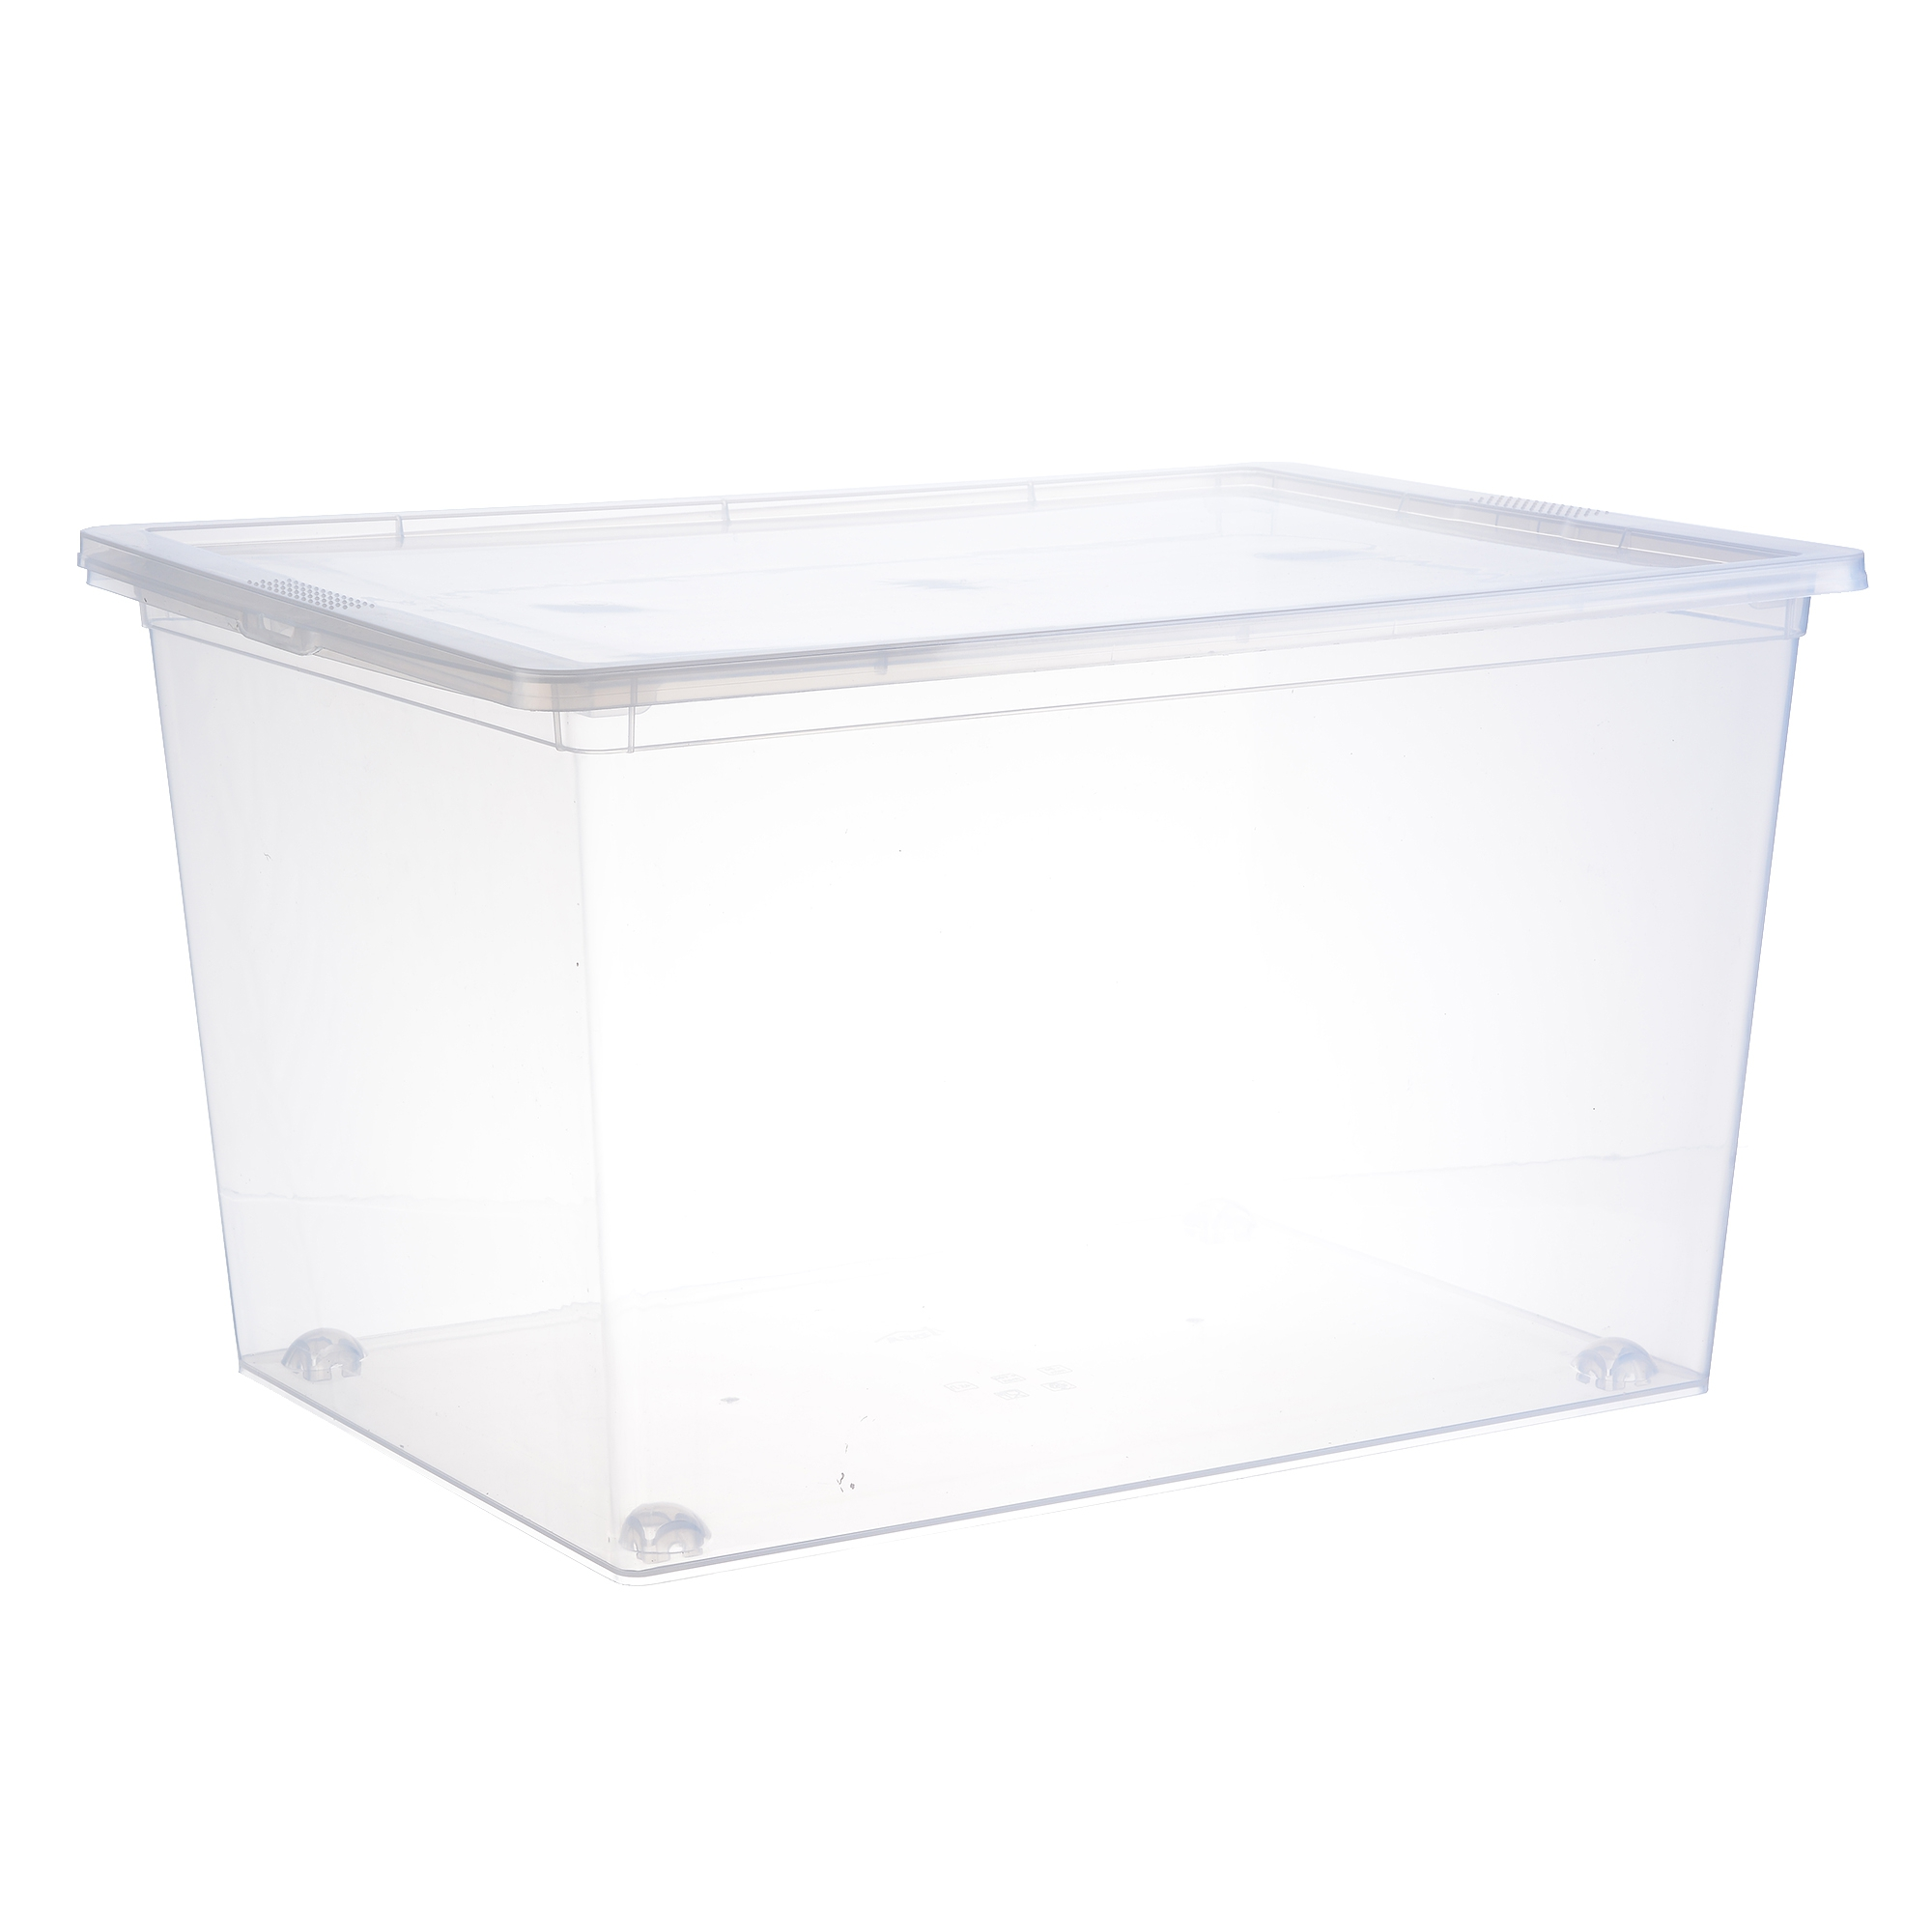 Ящики и корзины для игрушек IDEA Ящик для игрушек IDEA , 50 л цин вэй прозрачный ящик для обуви толстый ящик сочетание из пластиковых ящик для хранения мужской моделей 6 загружен белый